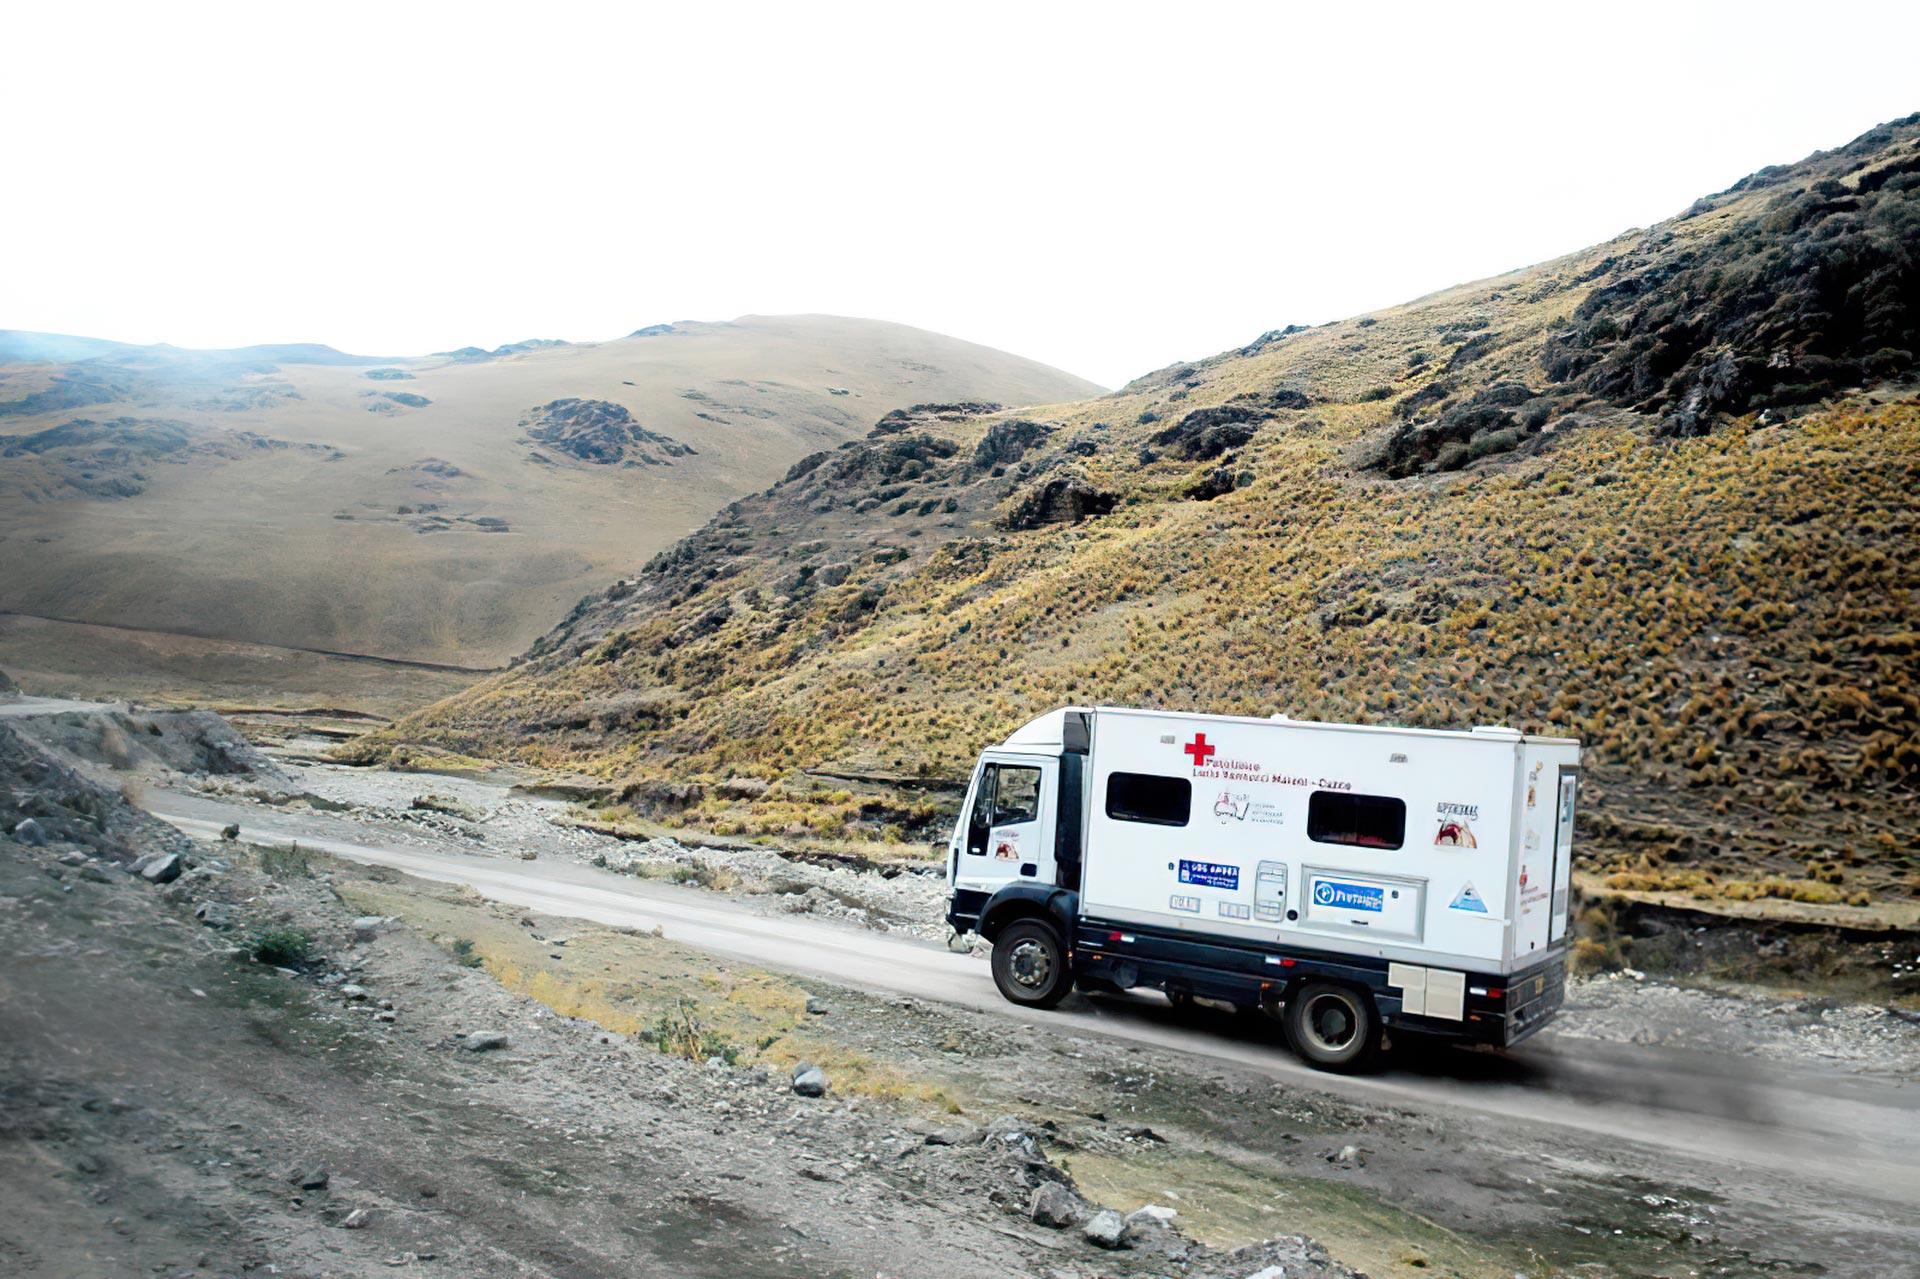 Unità Mobile Apurimac in Perù